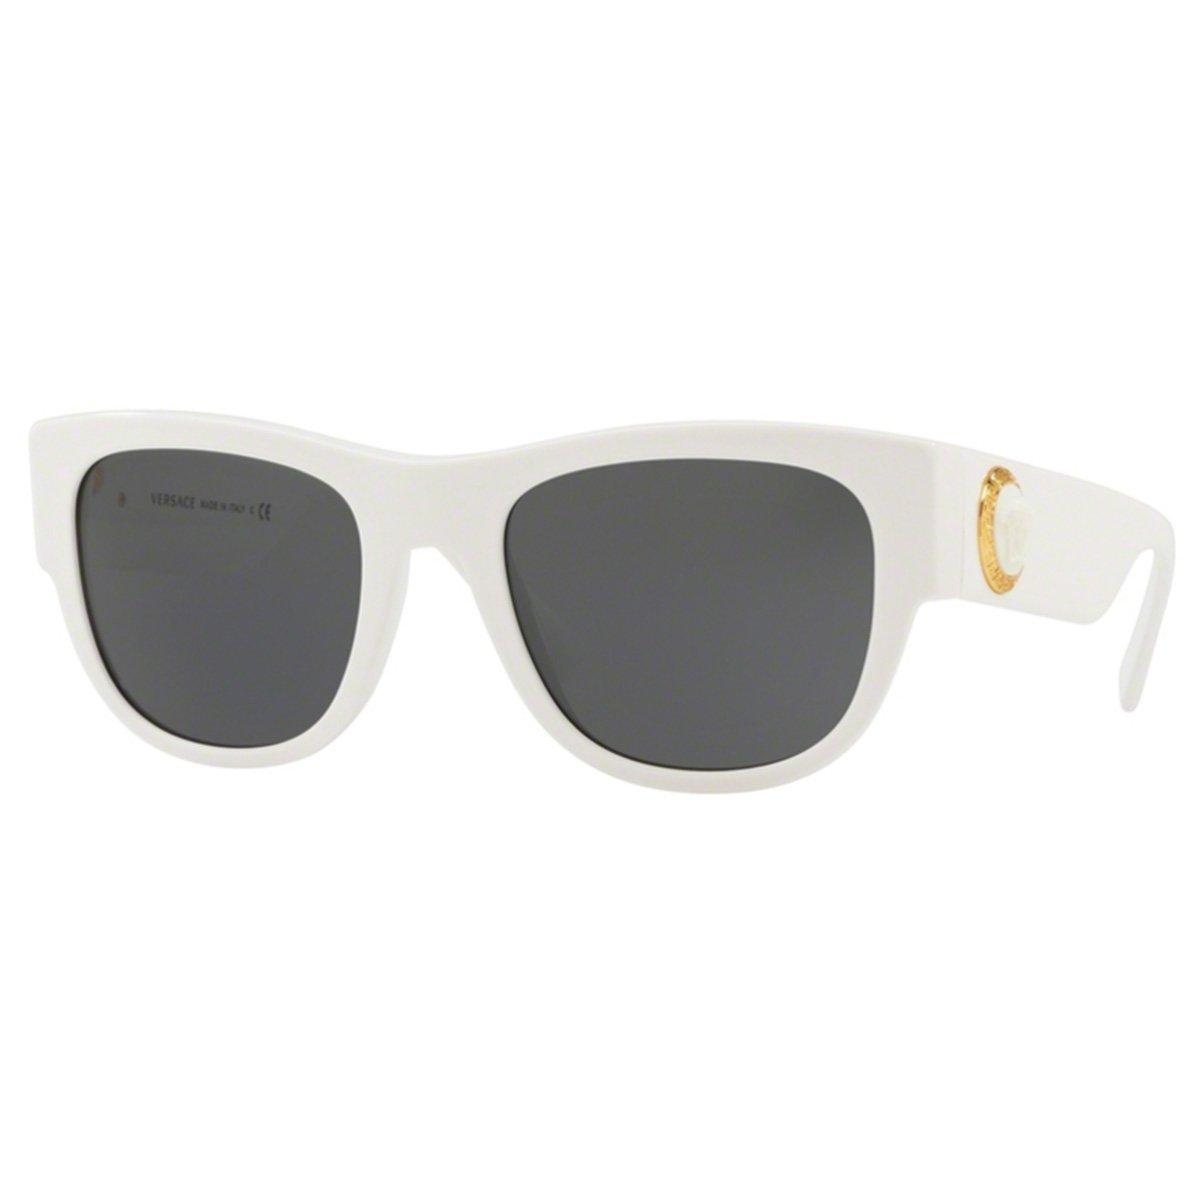 Compre Óculos de Sol Versace em 10X   Tri-Jóia Shop 2627ac7032